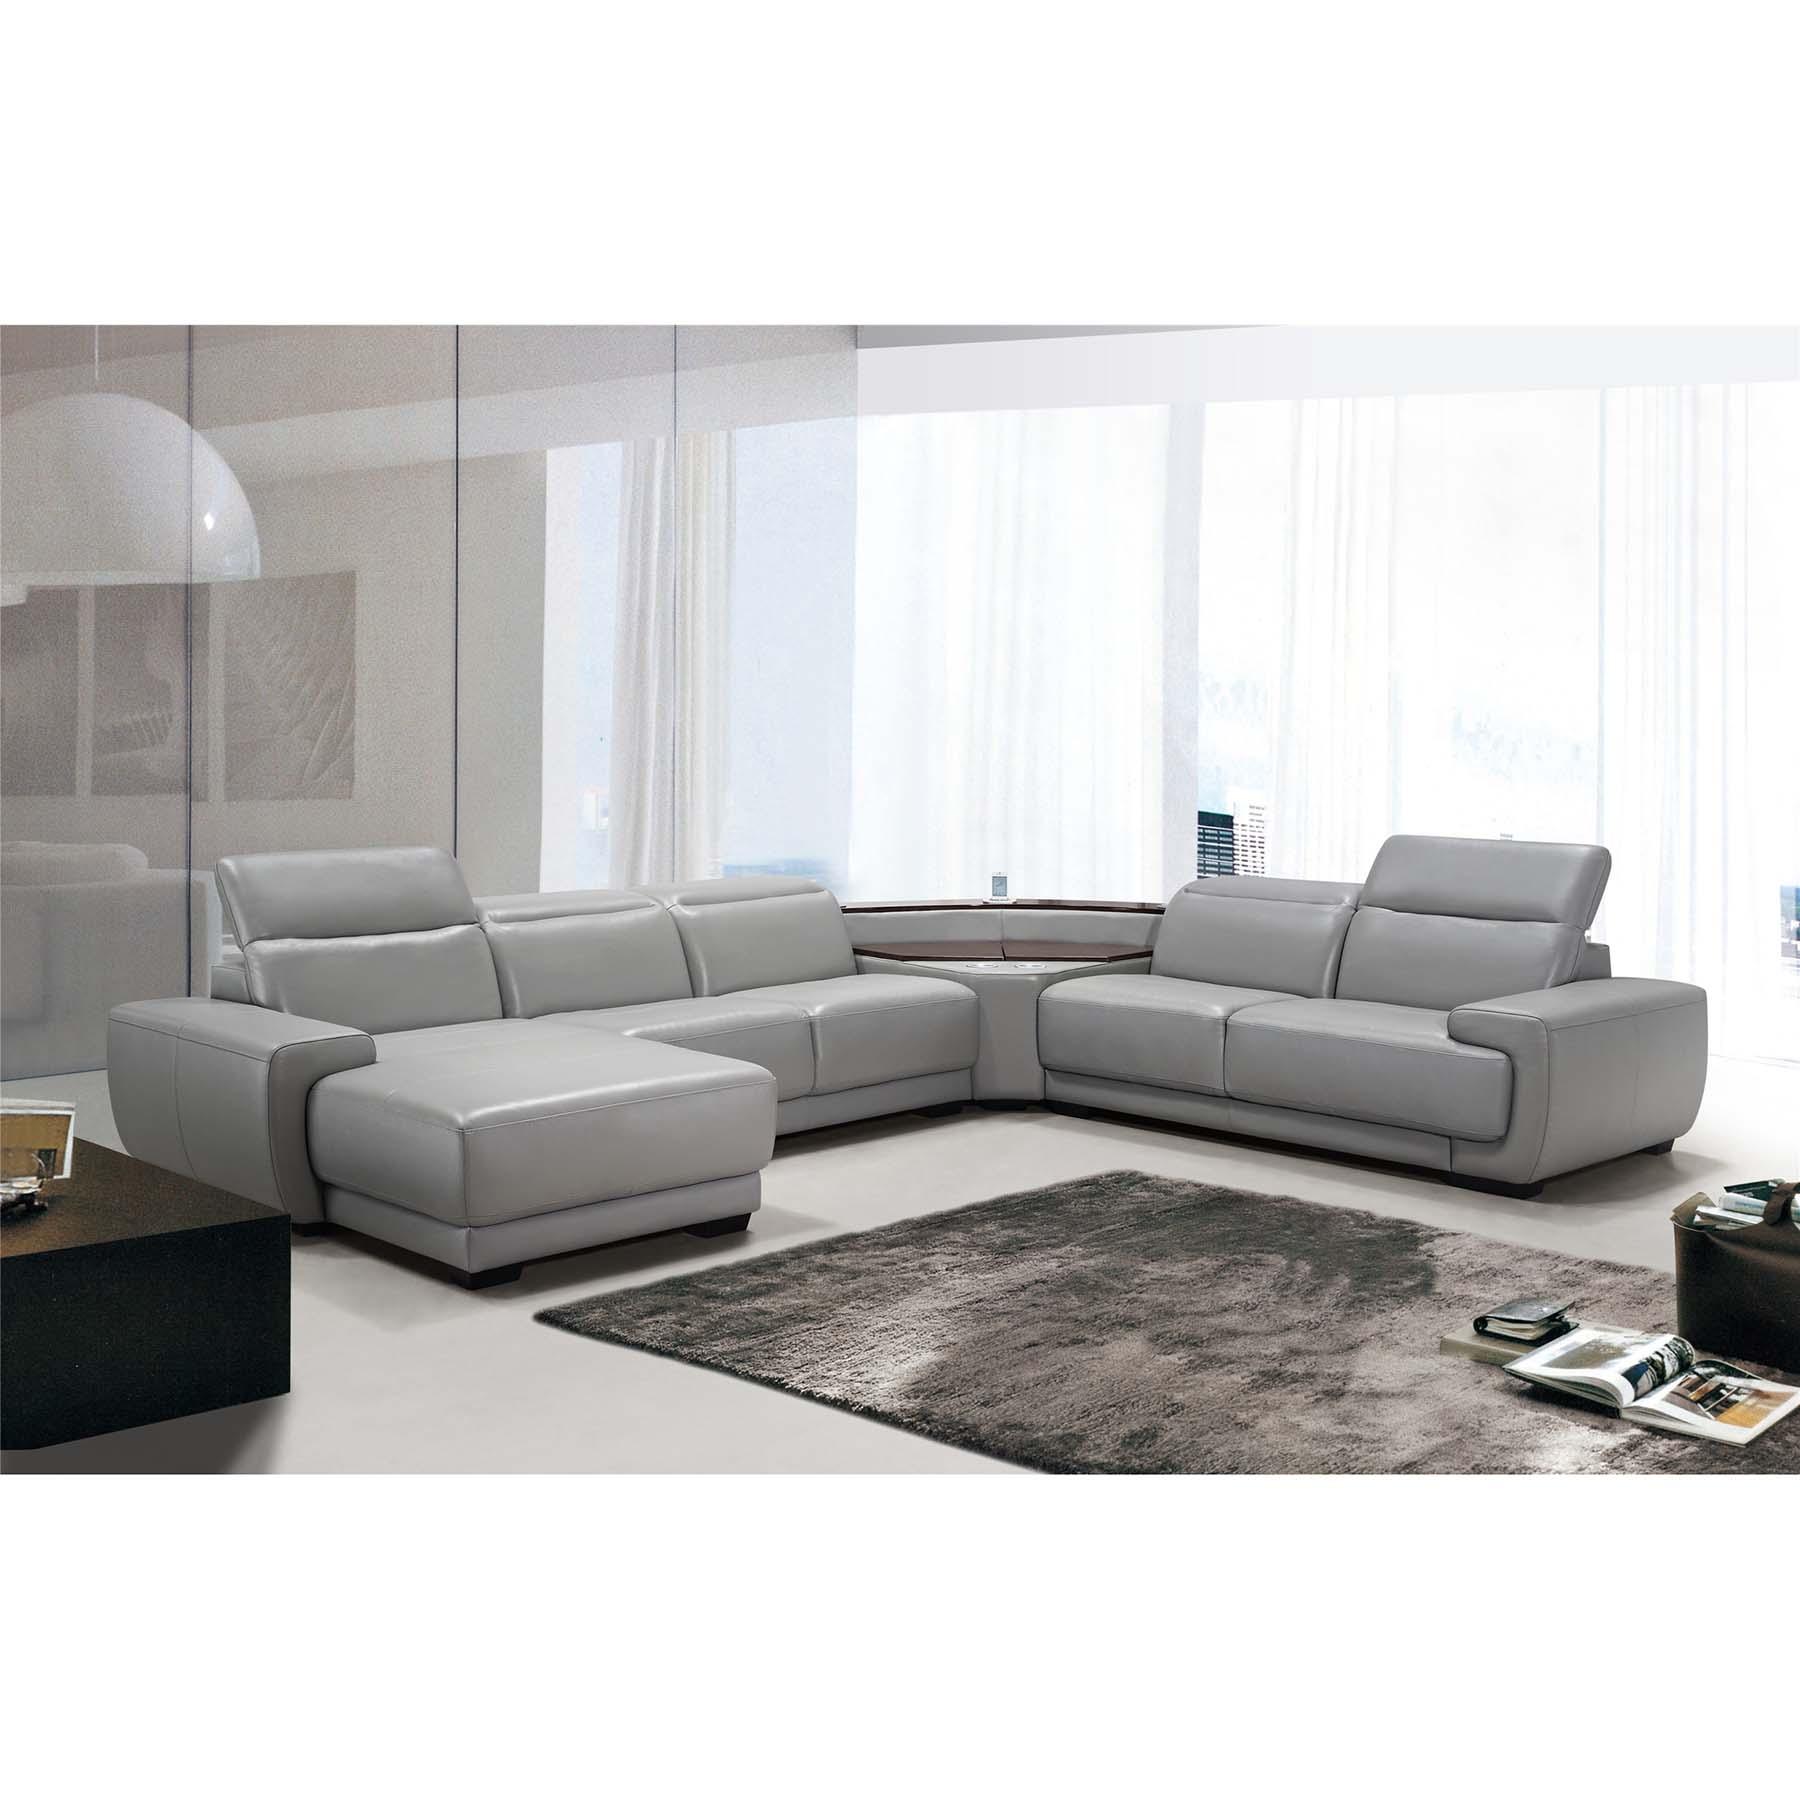 MONZAFERRERA lounge decor and design